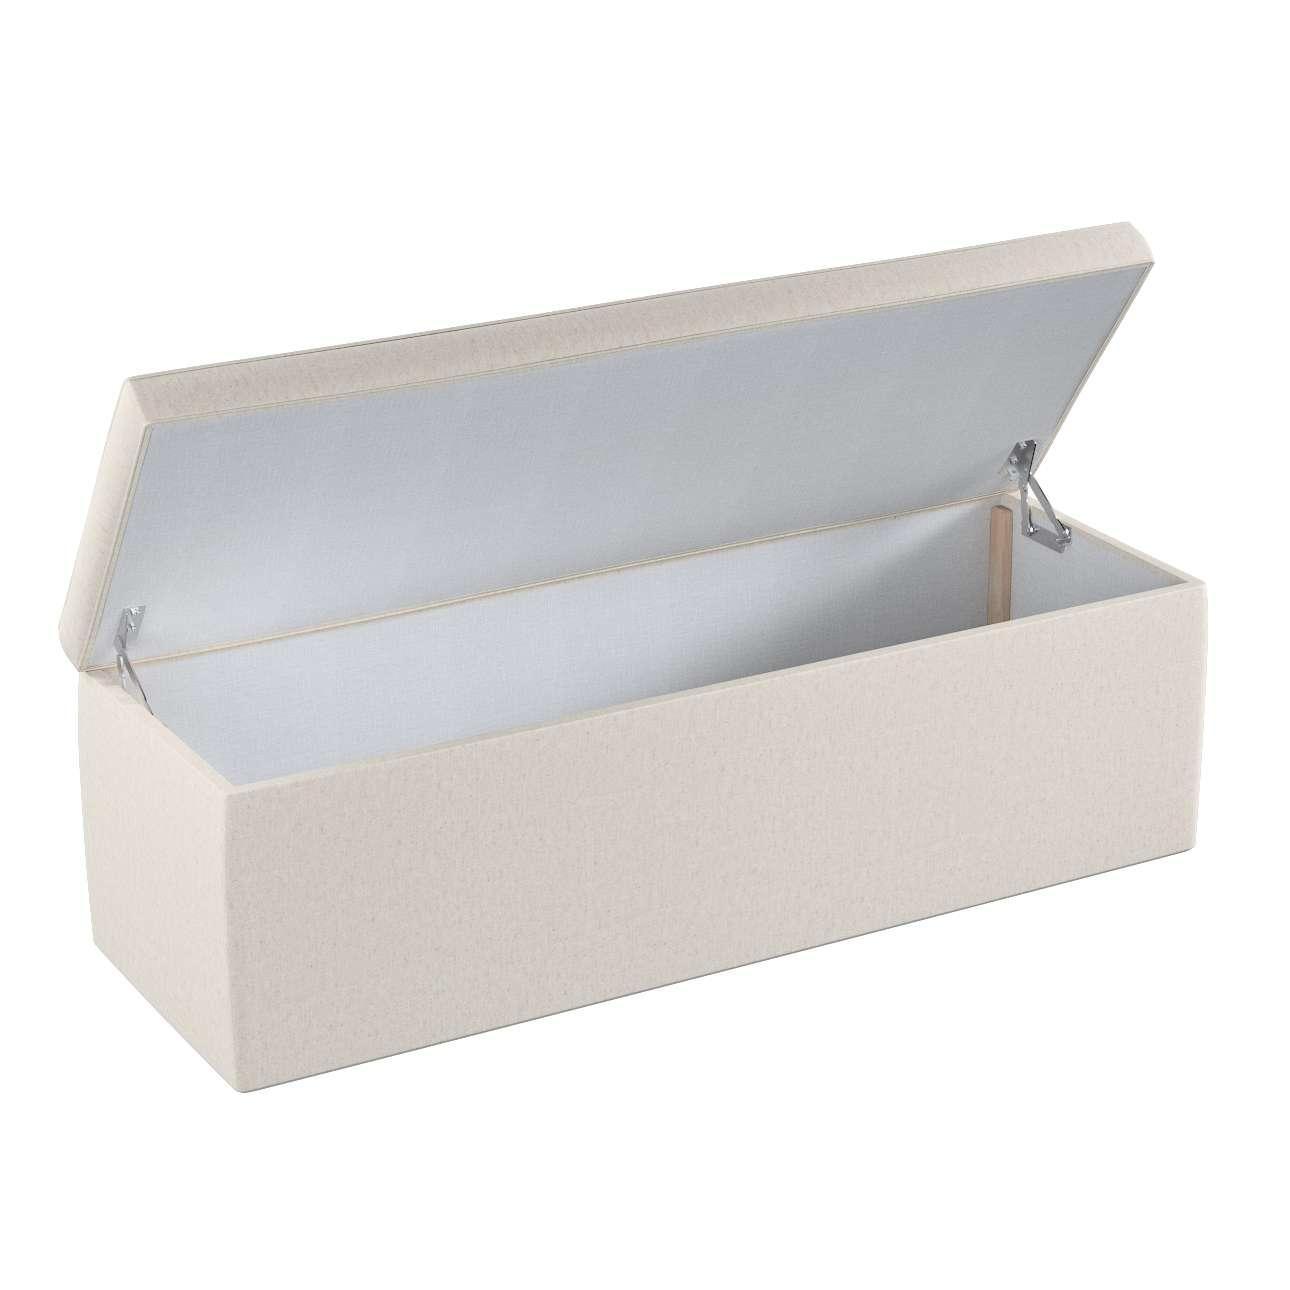 Čalouněná skříň s volbou látky - 2 velikosti v kolekci Loneta, látka: 133-65